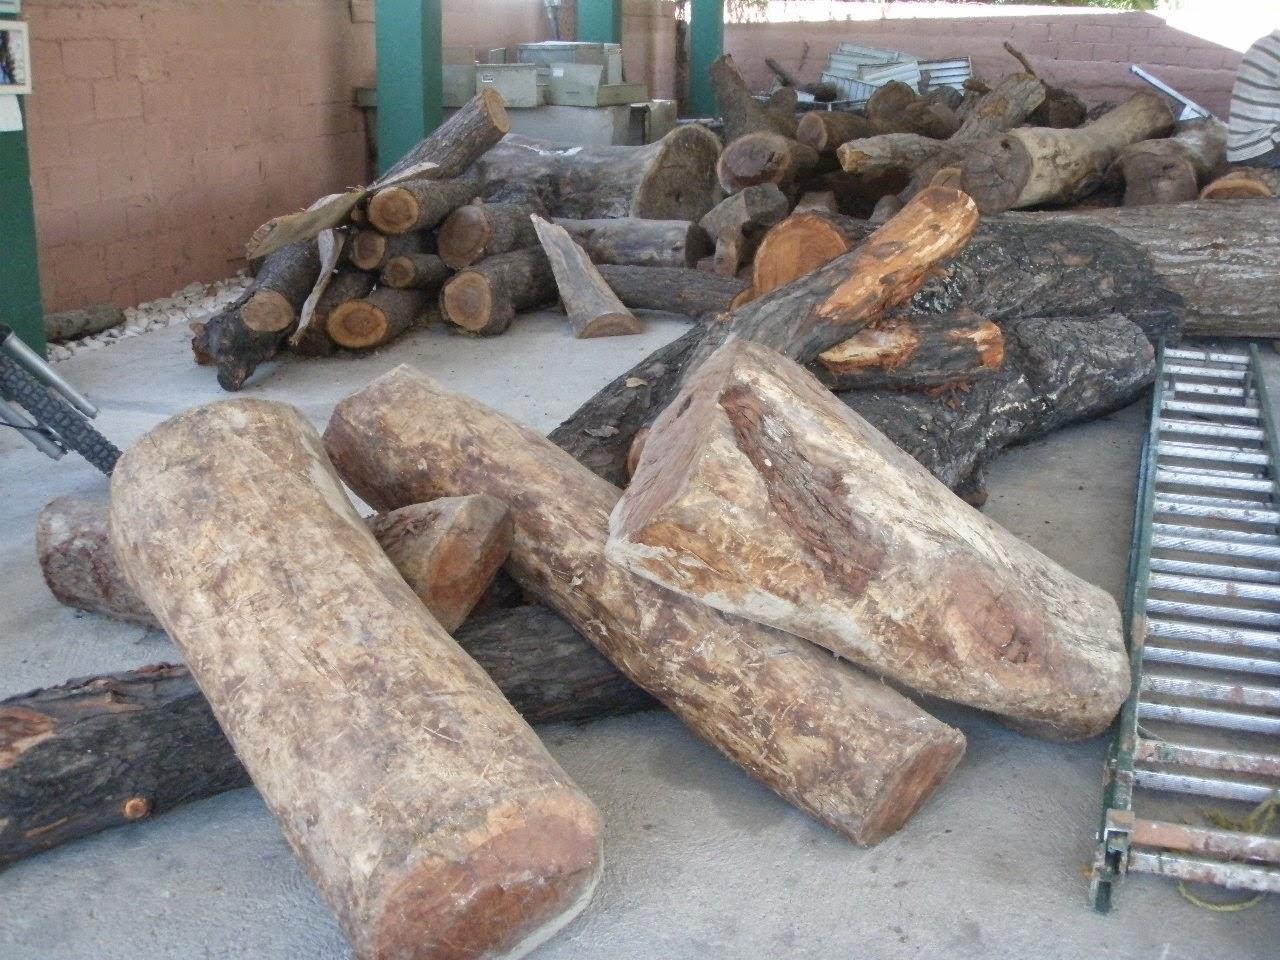 Ecos del sur barahona medio ambiente incauta madera en taller de ebanister a - Taller de ebanisteria ...